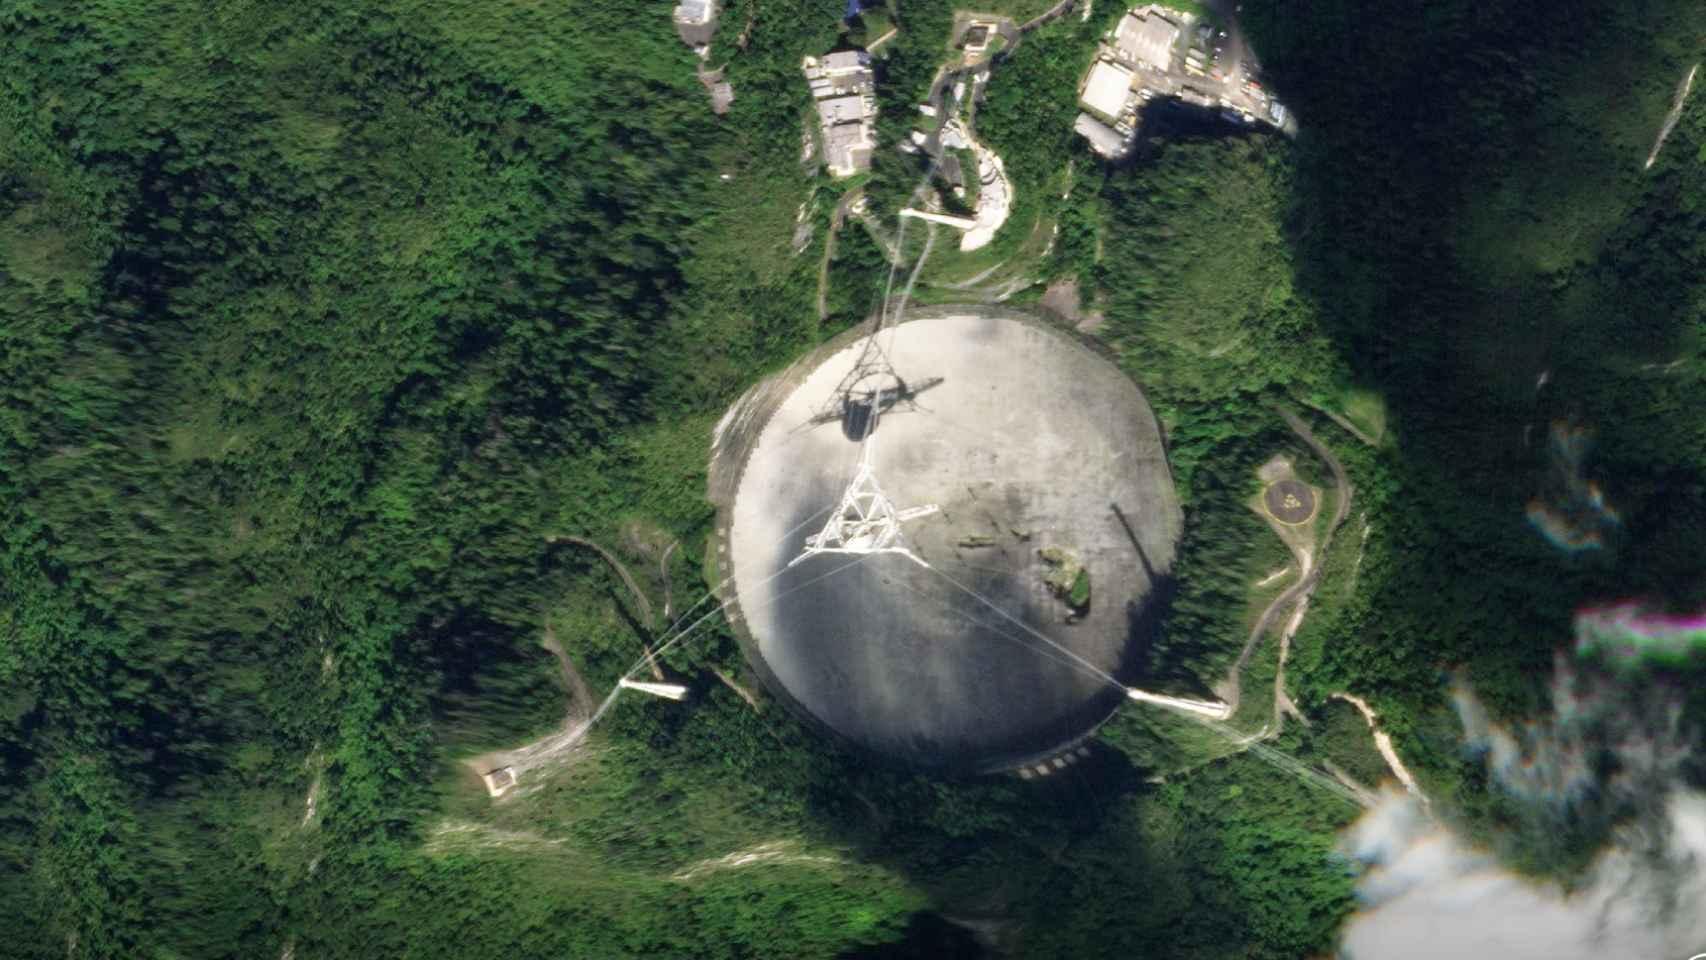 Colapsa el radiotelescopio del Observatorio de Arecibo: un derrumbe que  marca una era